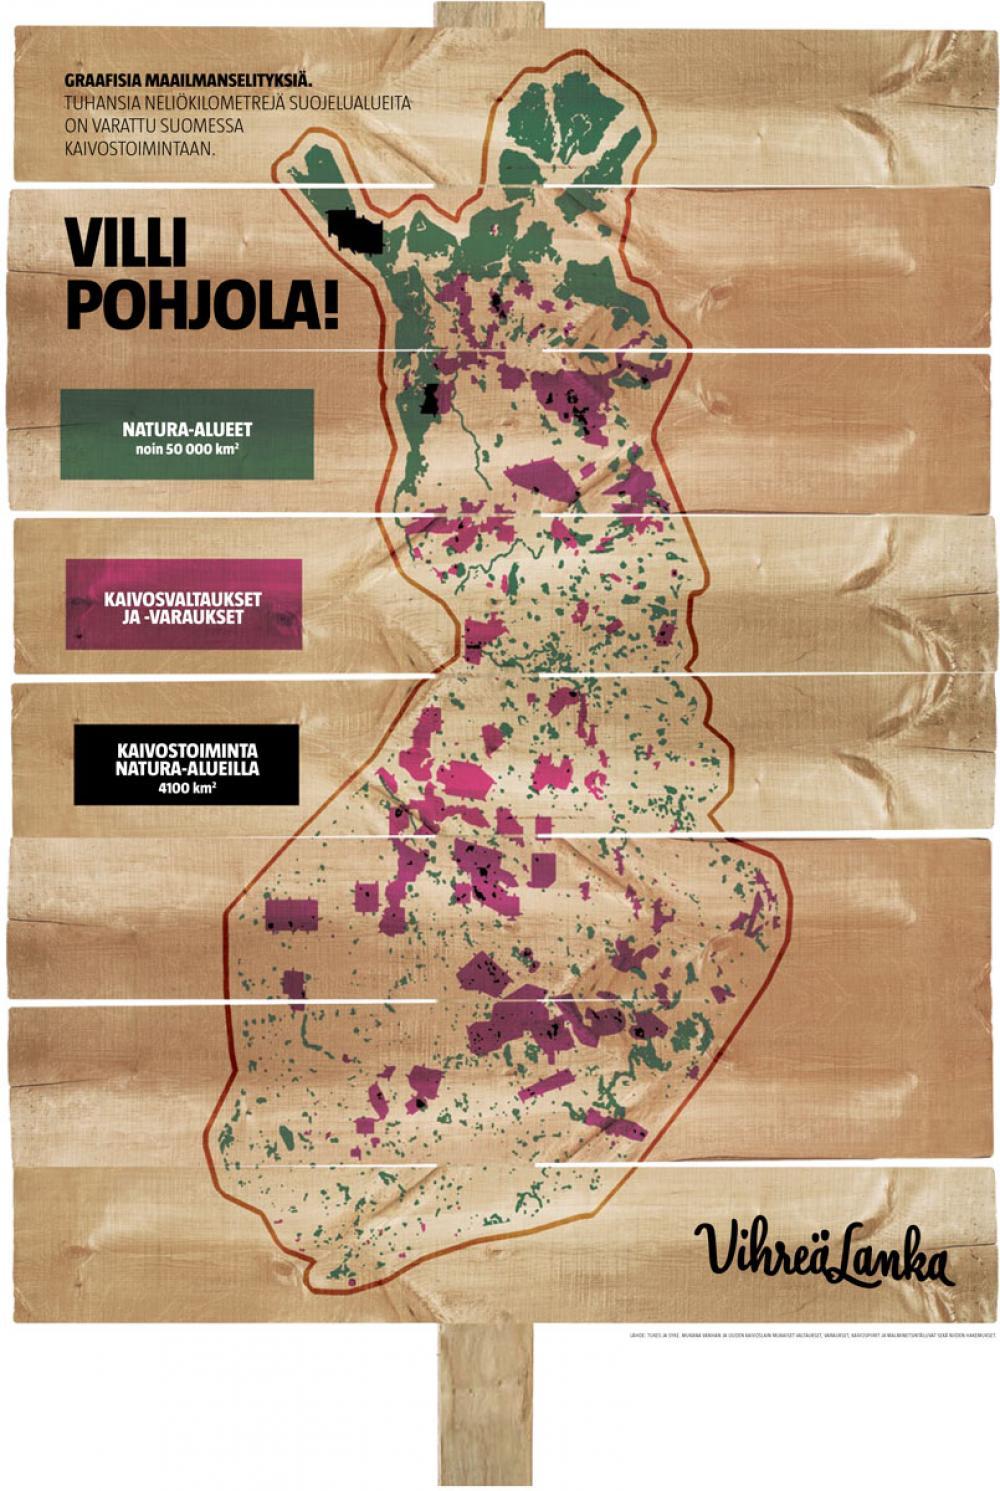 Kaivostoiminta Natura-alueilla (Sammeli Heikkinen/Iiro Törmä)